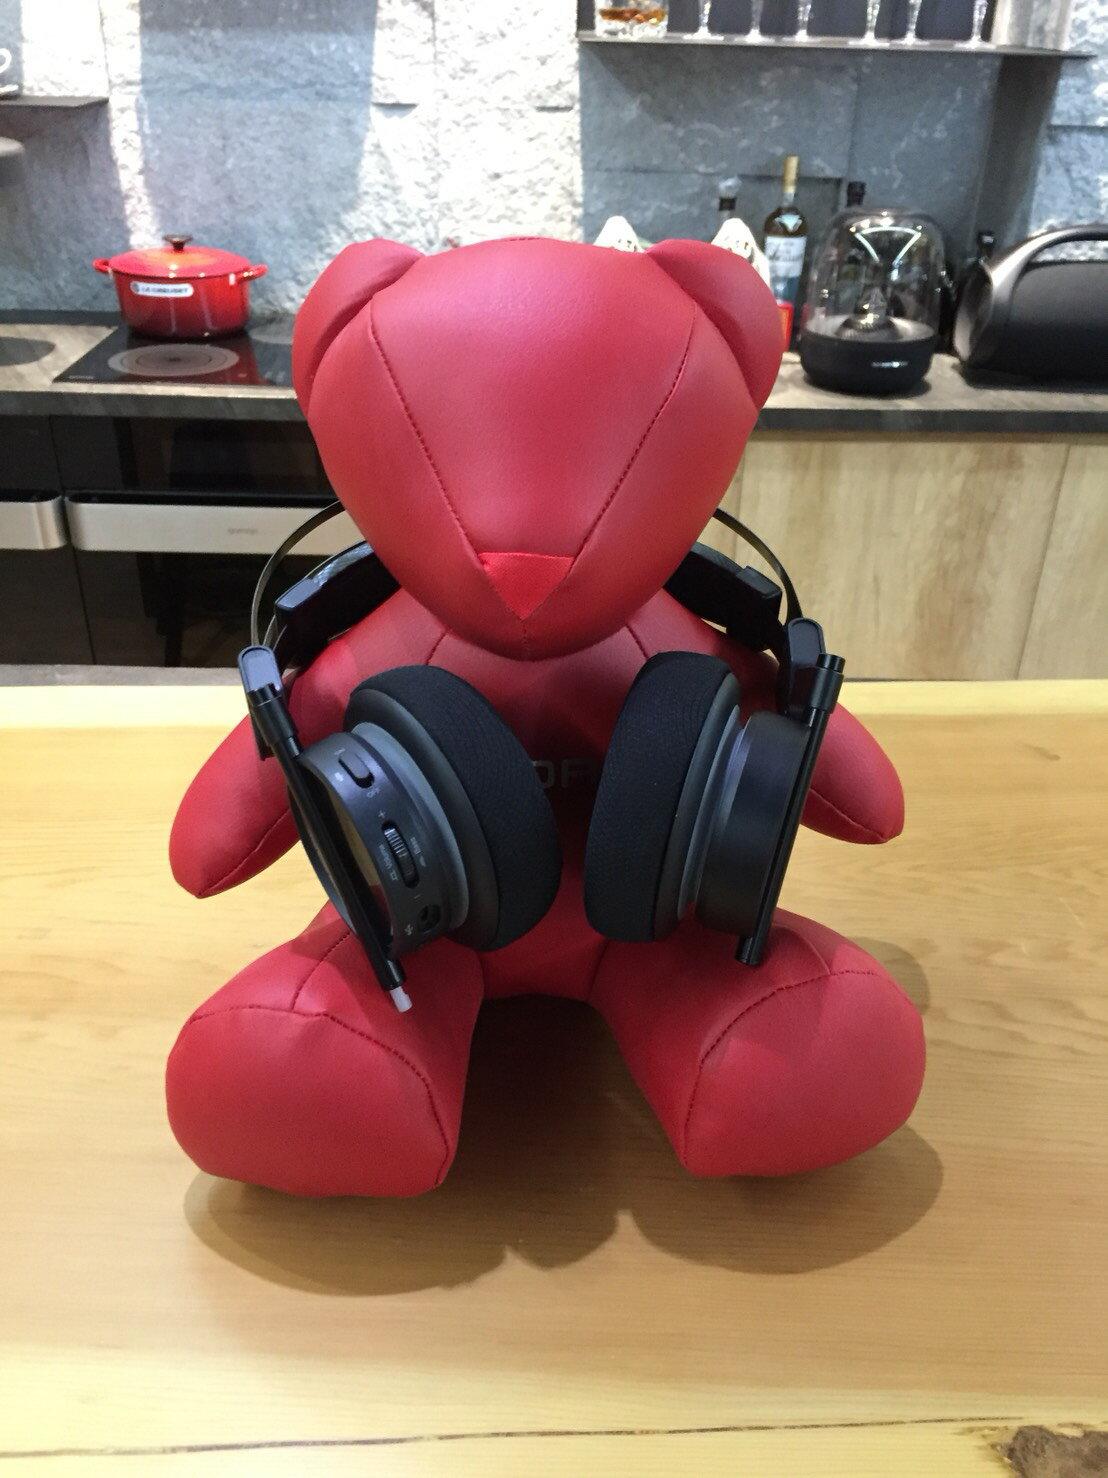 ★贈萬魔小熊★ 1MORE H1005 Spearhead VR 電競頭戴式耳機 周杰倫合作品牌 (全新公司貨) 1